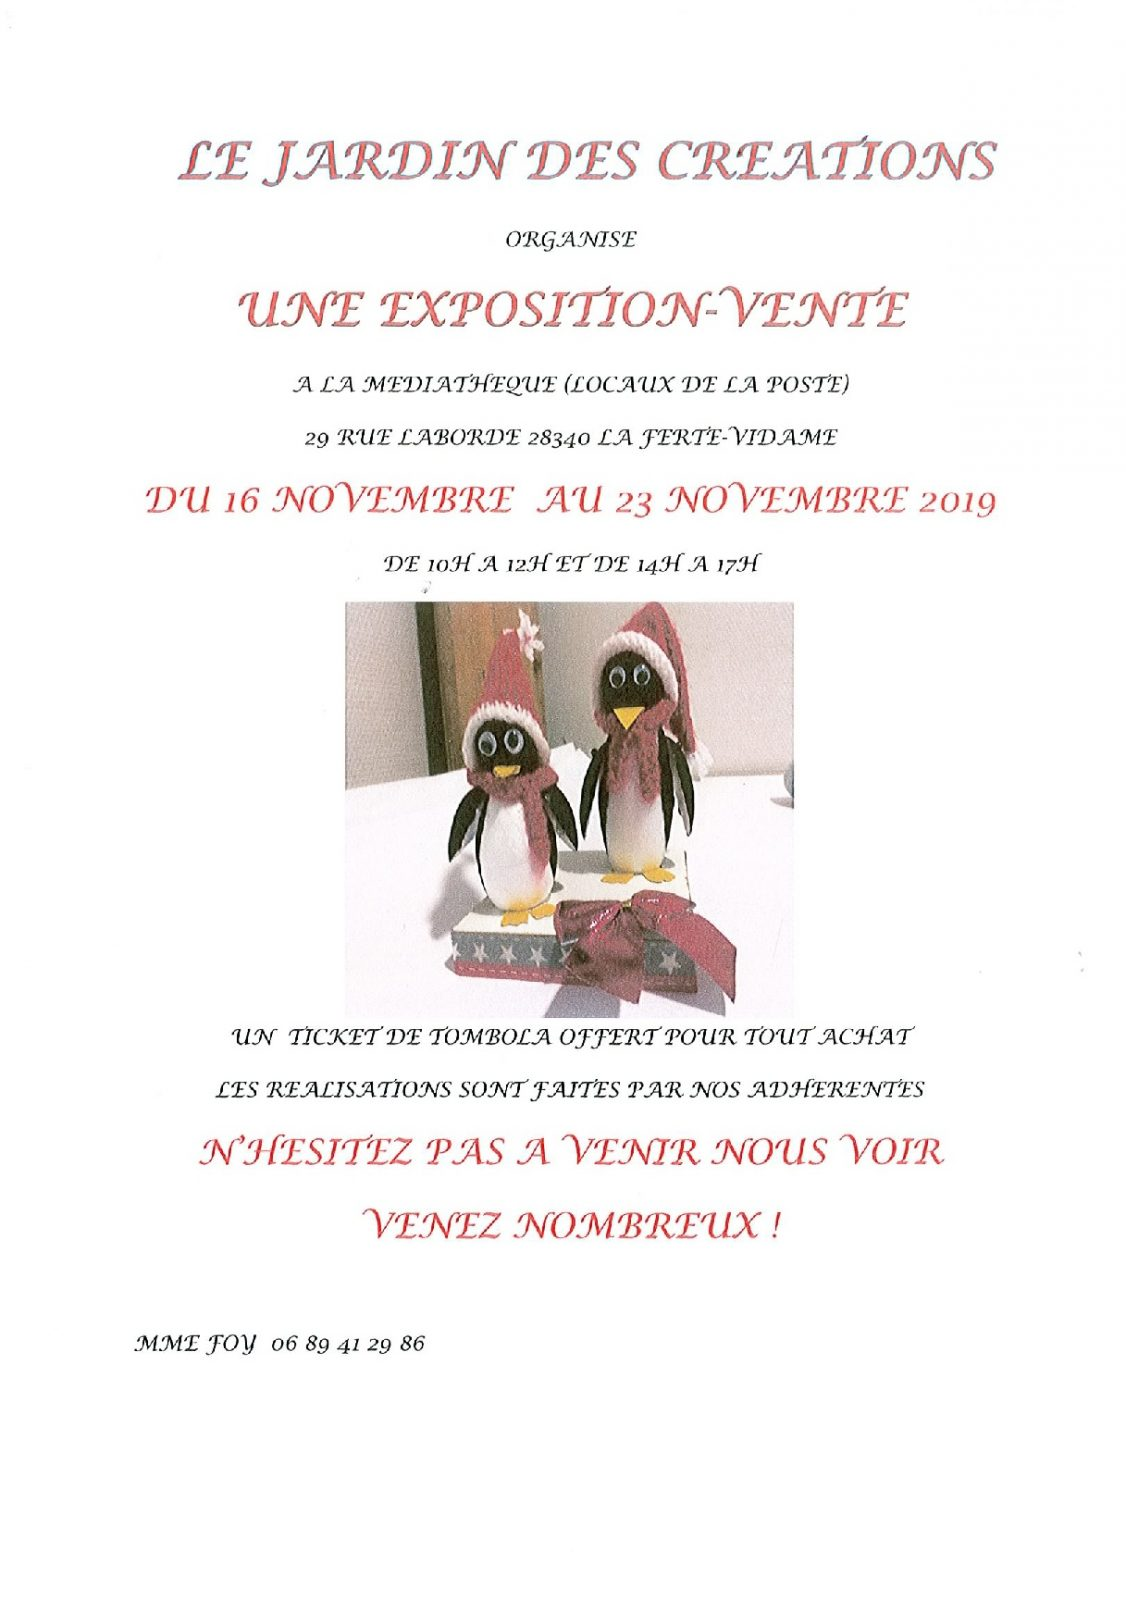 Exposition-Vente. Jardin des Créations à LA FERTE-VIDAME © le jardin des créations